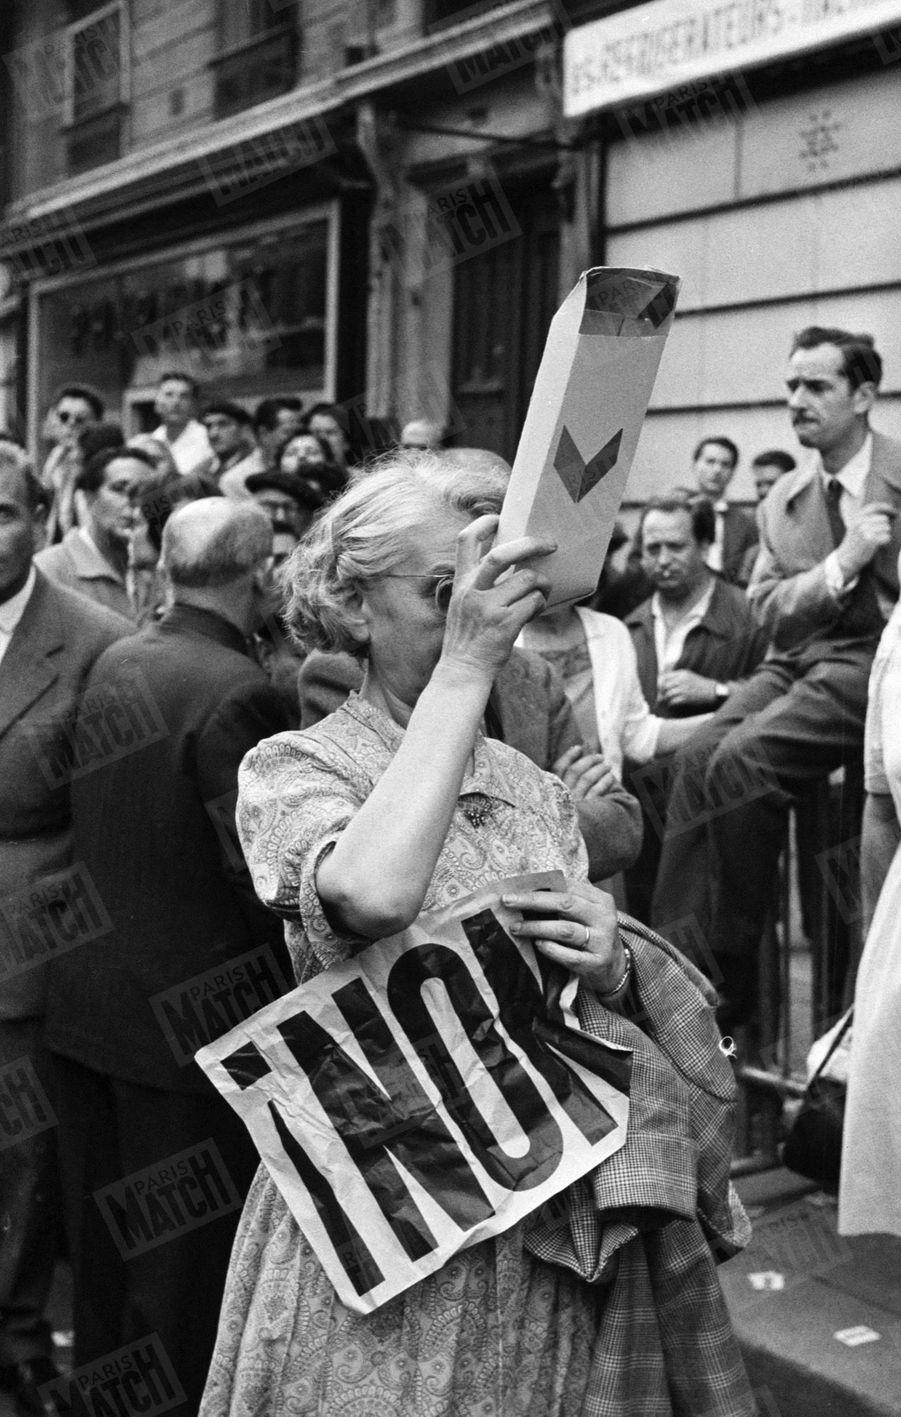 Une opposante à la Vème République, lors du discours de Charles de Gaulle, place de la République, à Paris, le 4 septembre 1958.